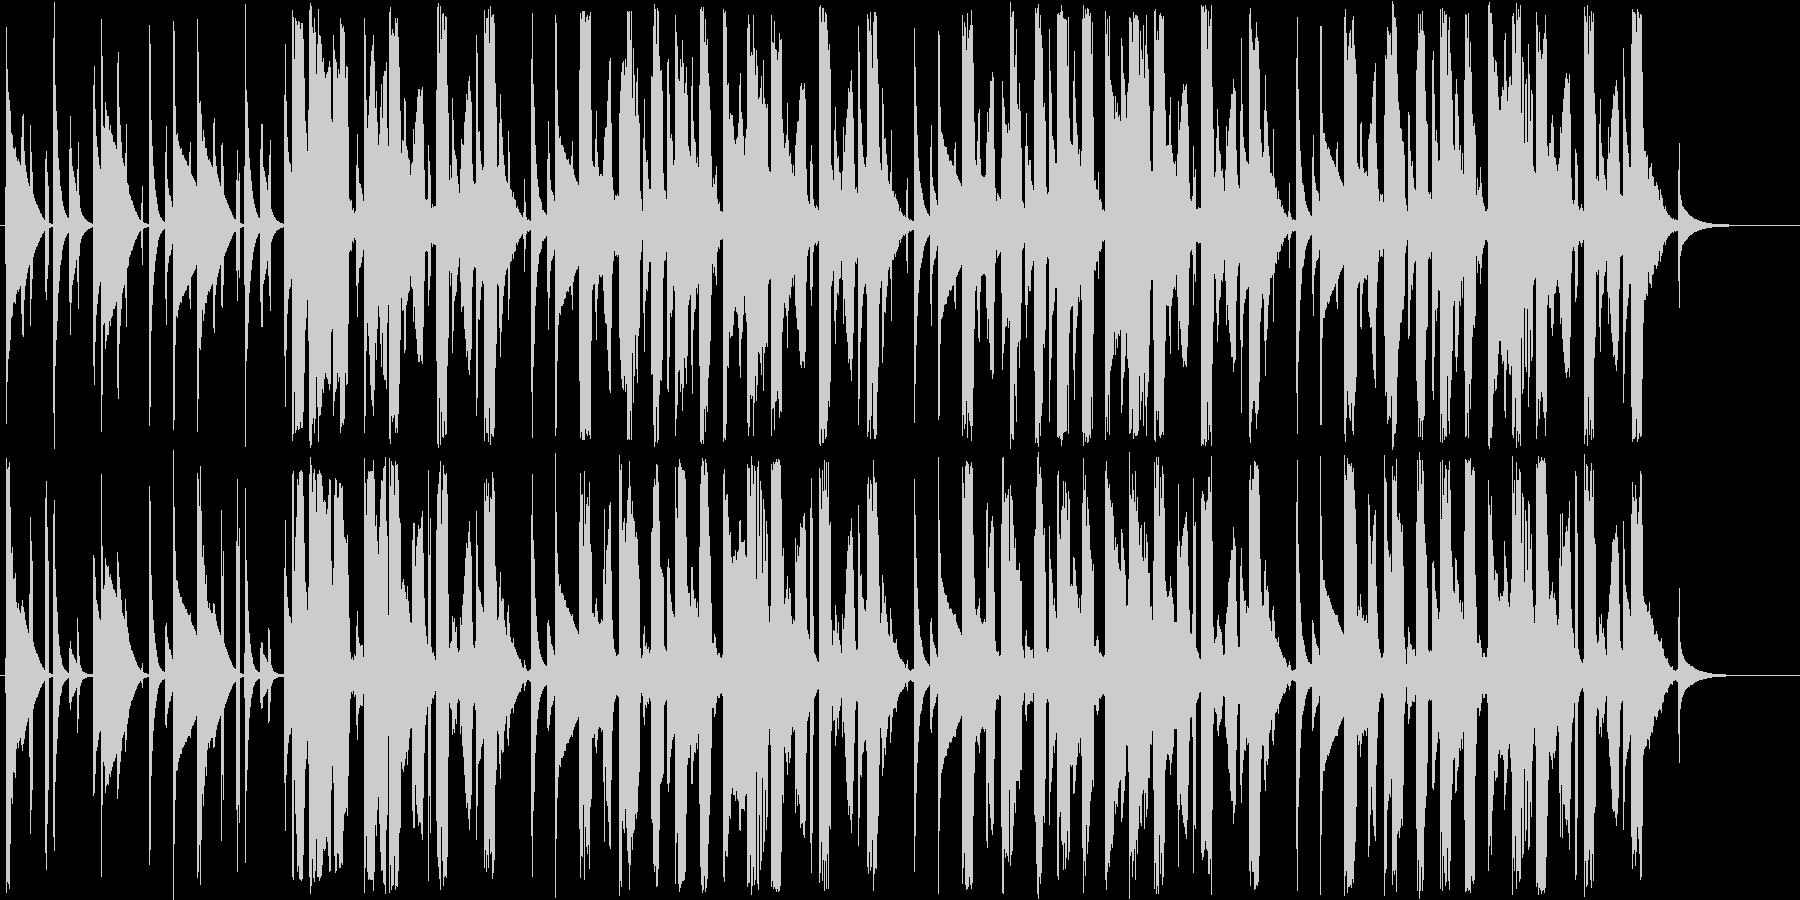 ポップでゆっくりしたシンセサイザーの曲の未再生の波形